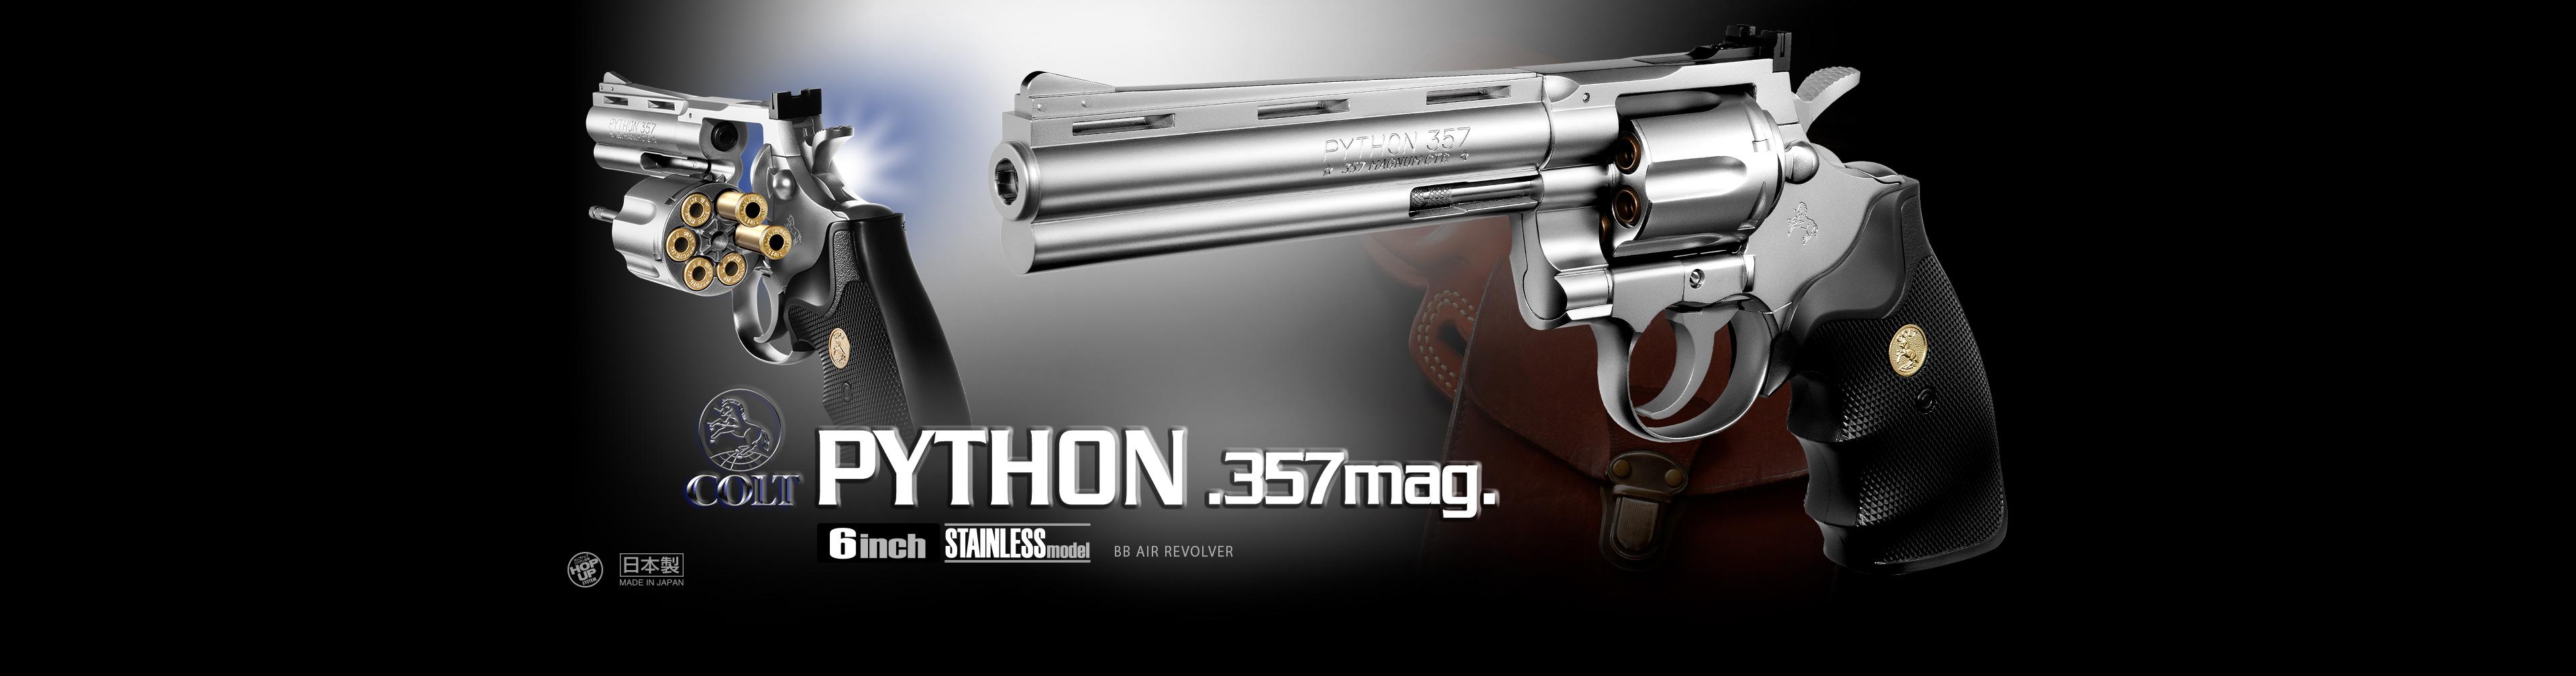 コルトパイソン.357マグナム 6インチ ステンレスモデル